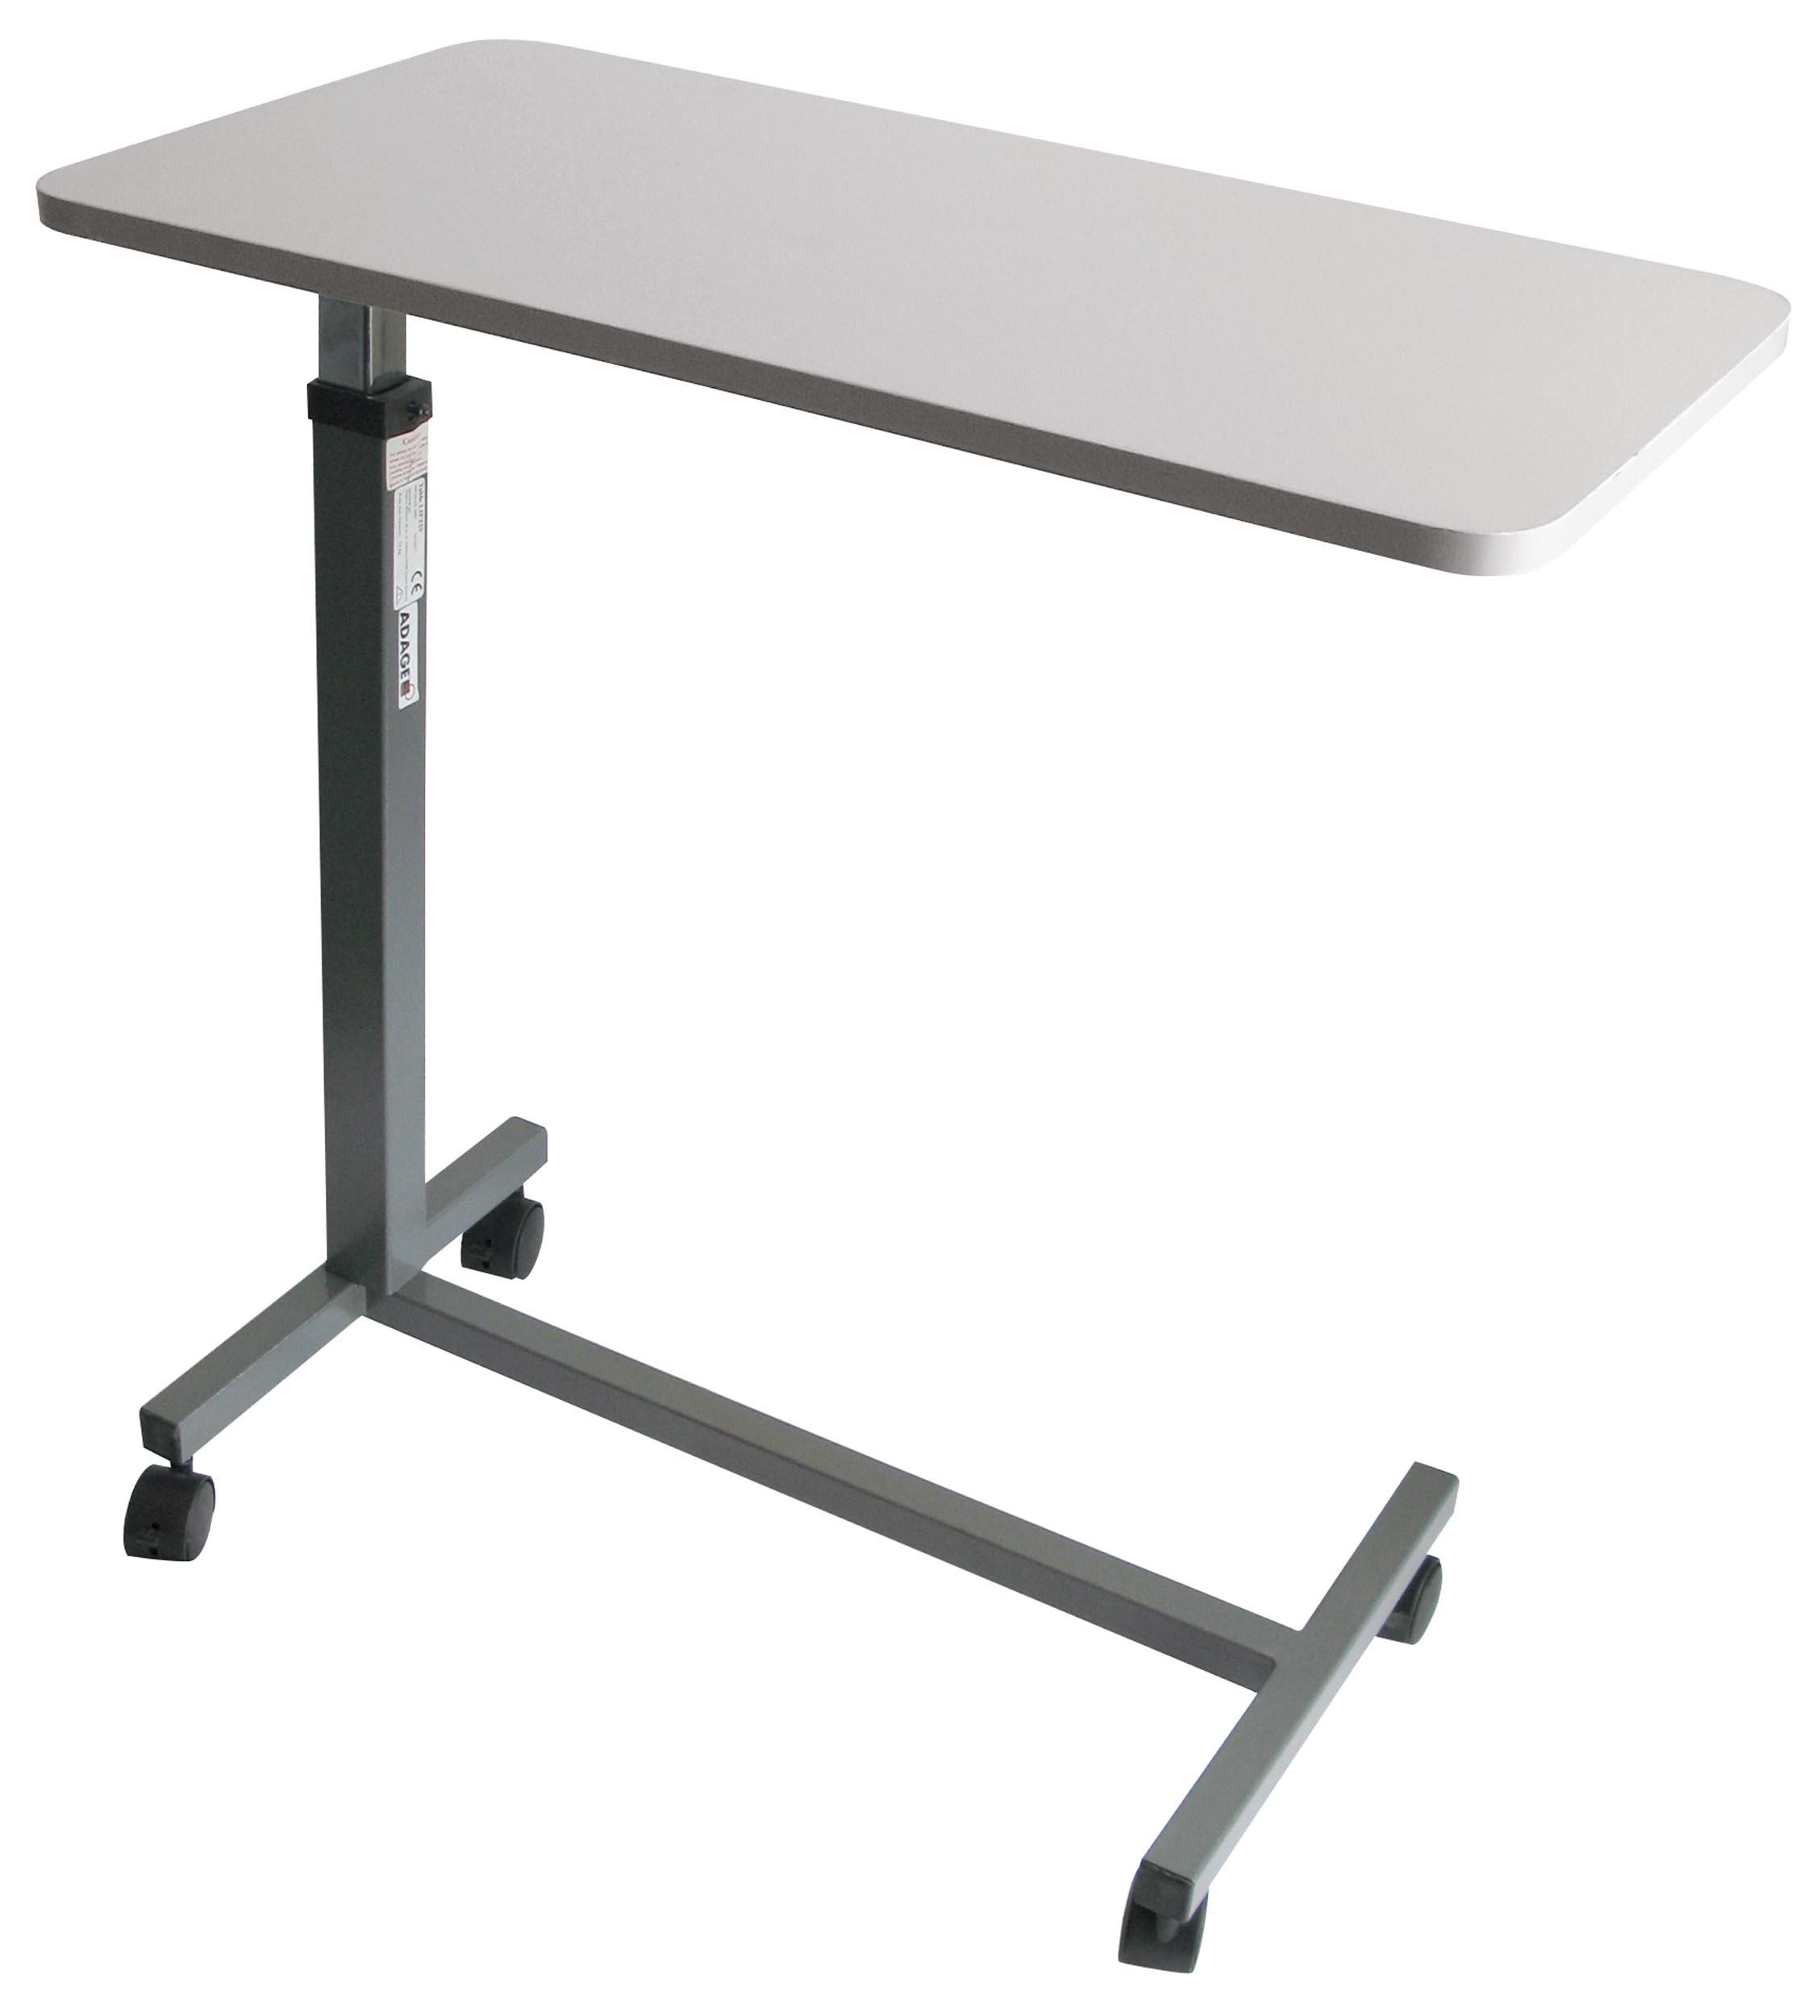 Table De Lit Kauma,Table De Lit Pausa, Adaptable De Lit, Adaptable,